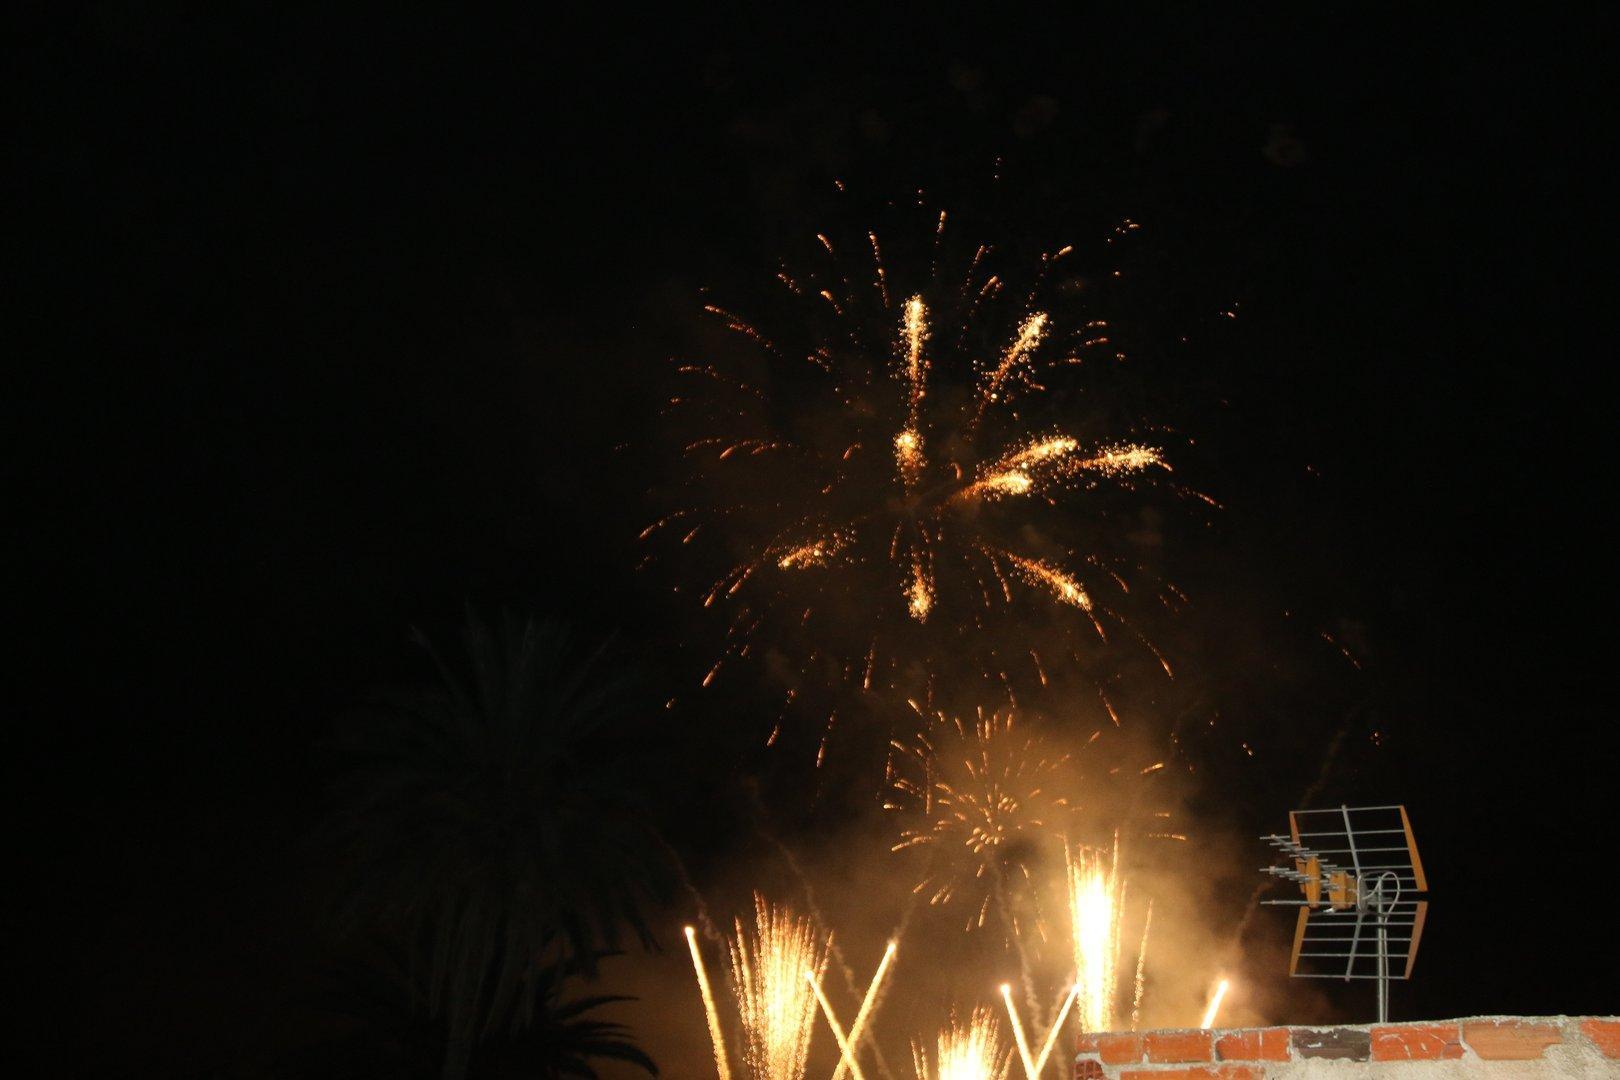 Castillo de Fuegos Artificiales Fiestas de Ojós 2017